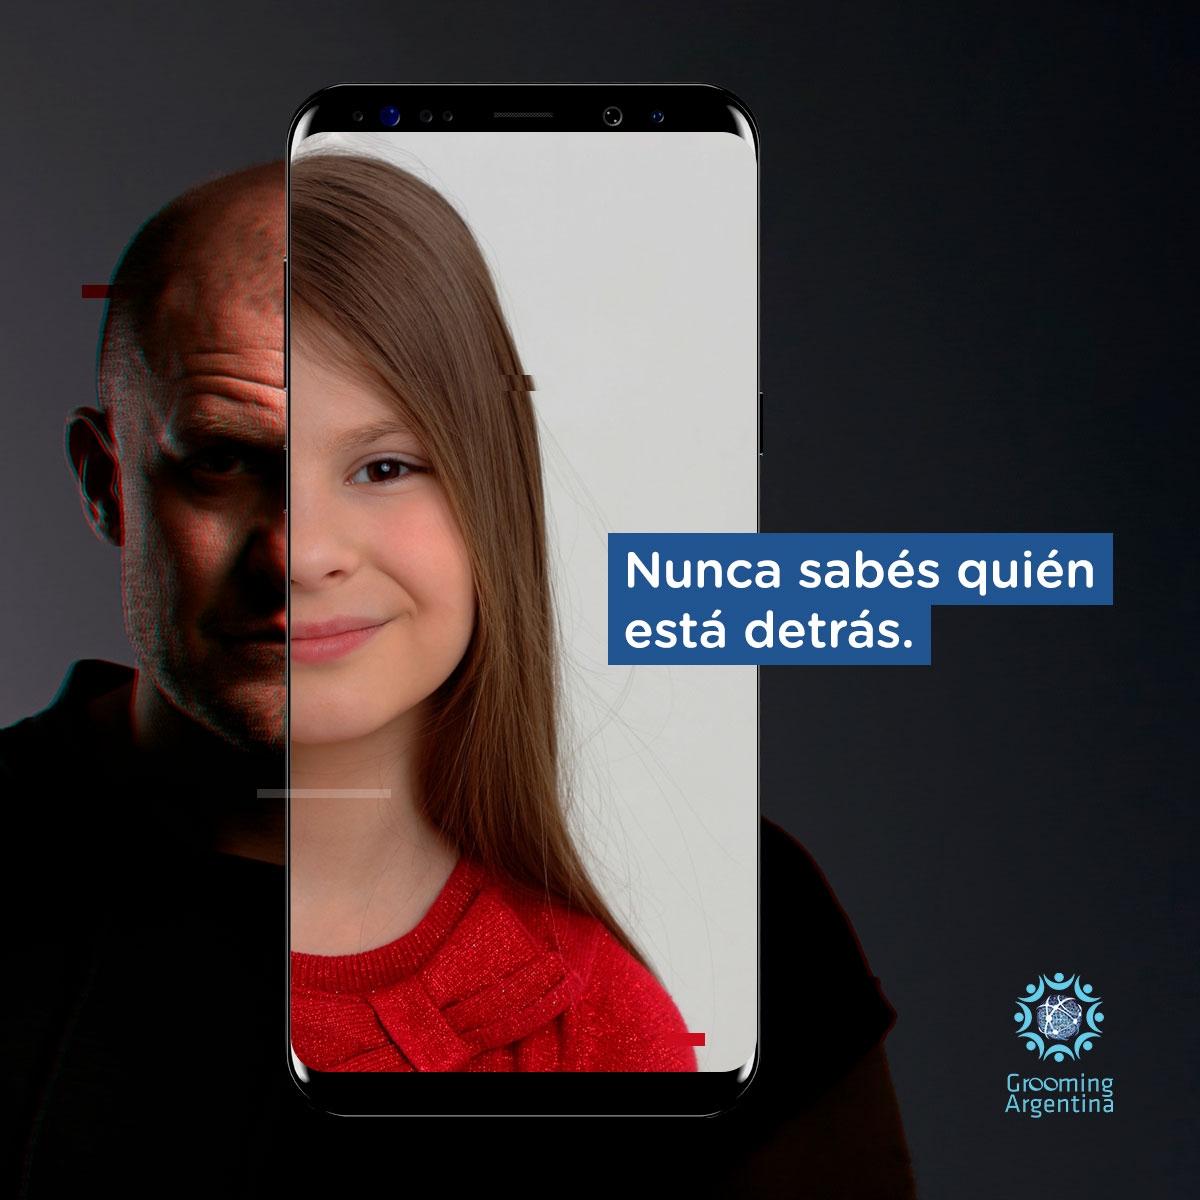 las mejores aplicaciones para conocer gente en argentina chat de sexo